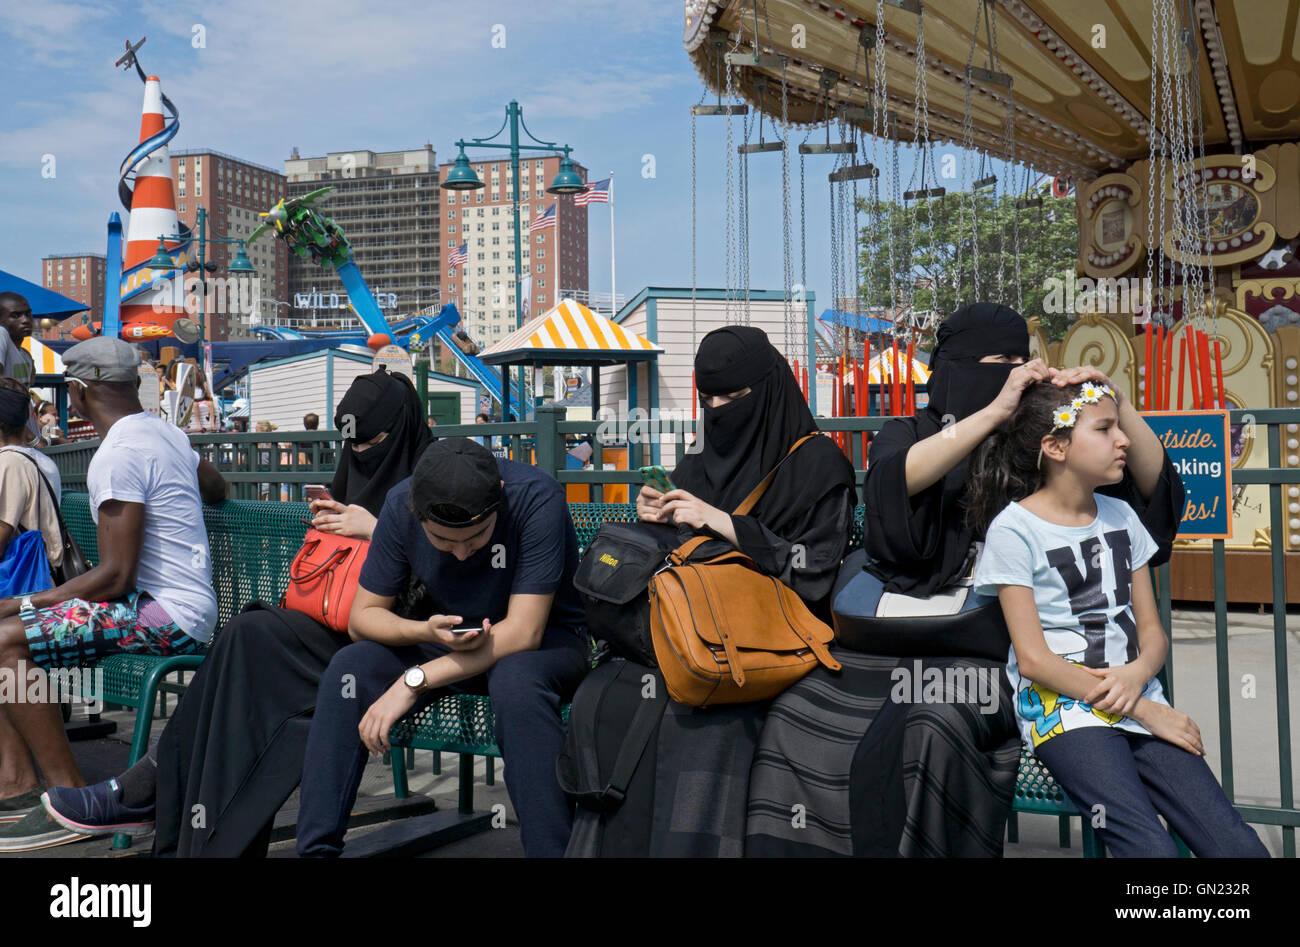 Una famiglia musulmana con donne in burkas al luna park di Coney Island, Brooklyn, New York. Immagini Stock